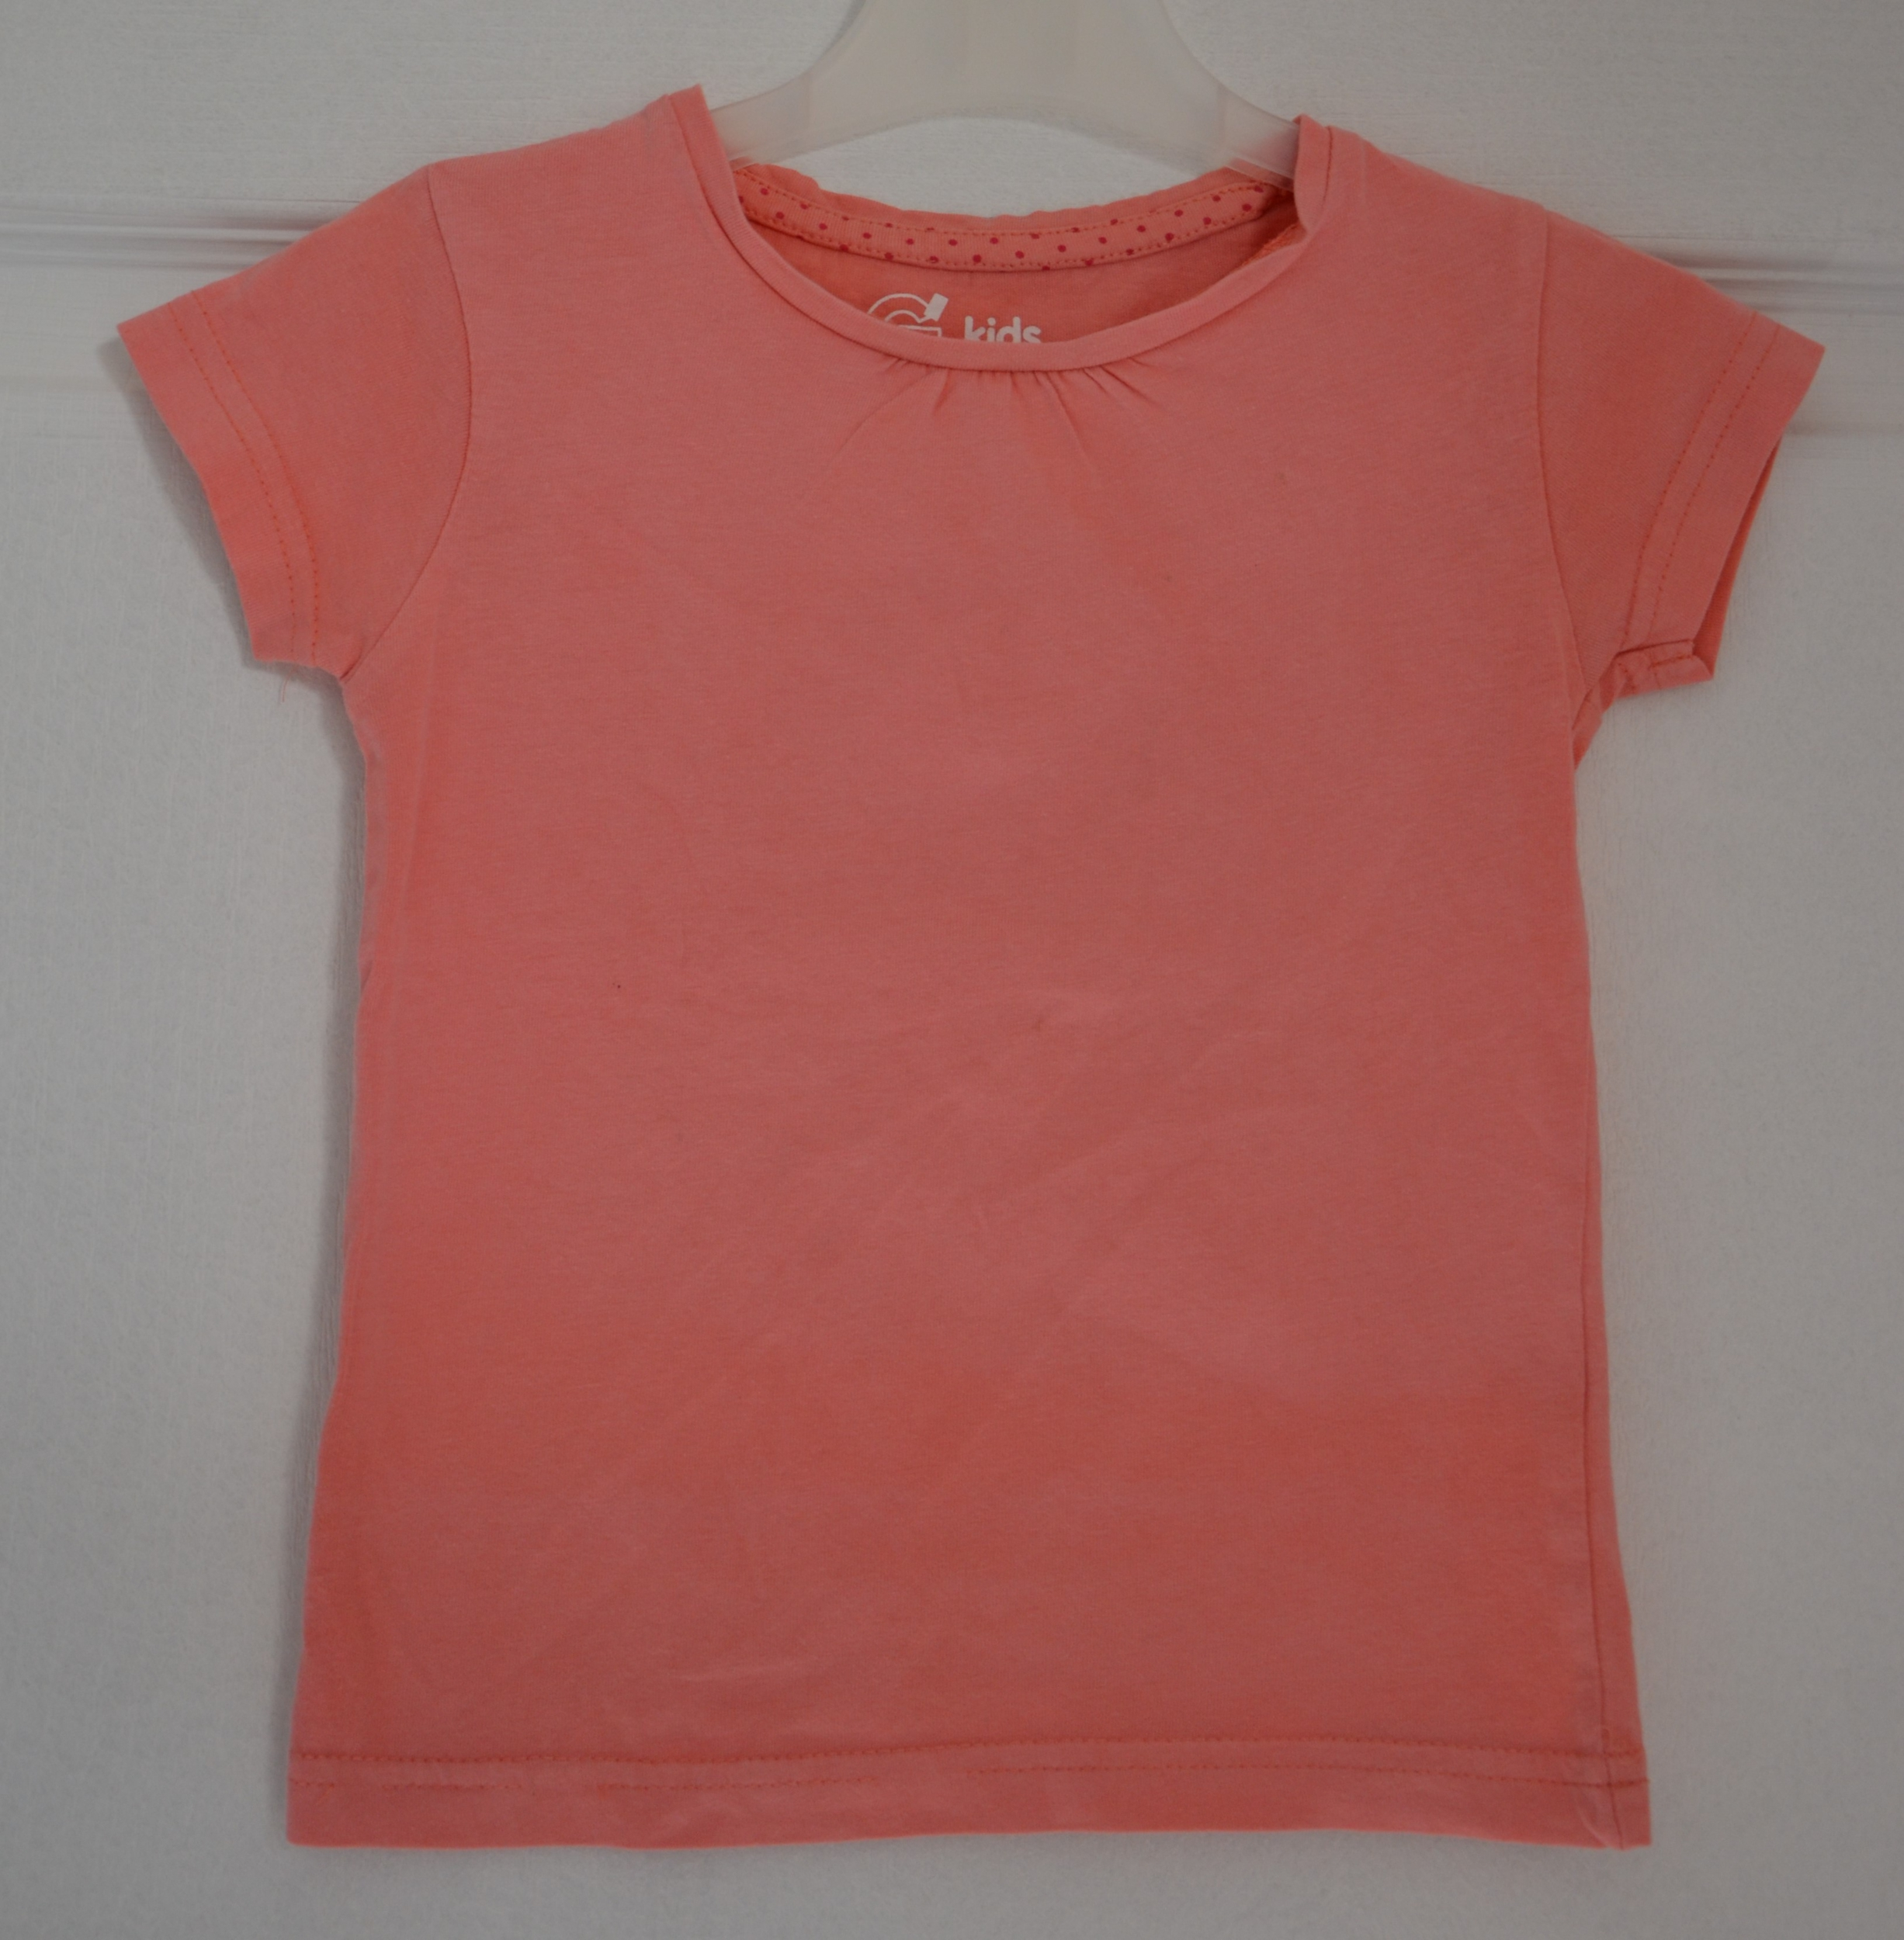 tee shirt rose fille 4 ans gémo